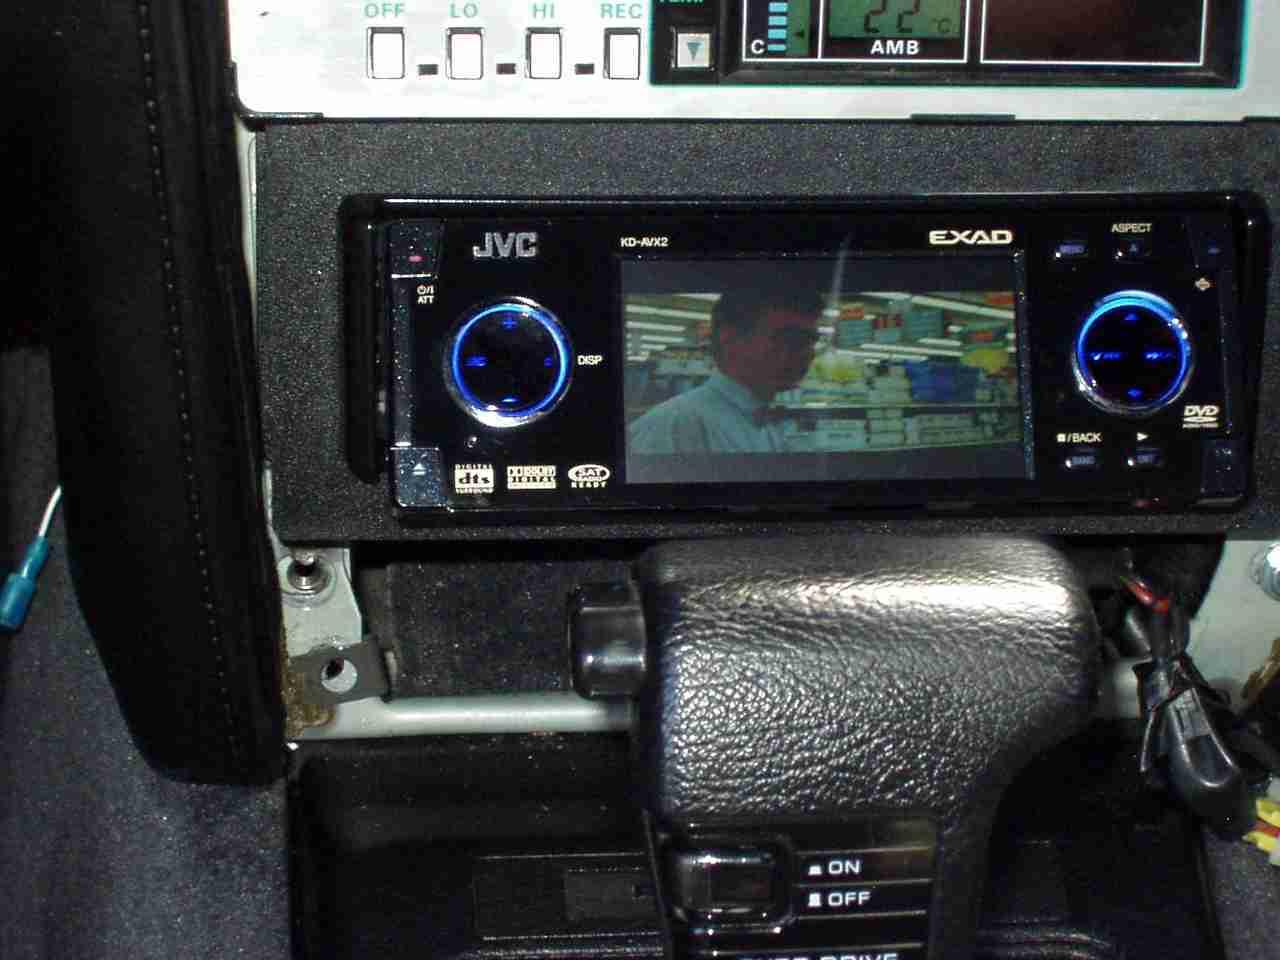 Jvc Kd Avx2 Installation